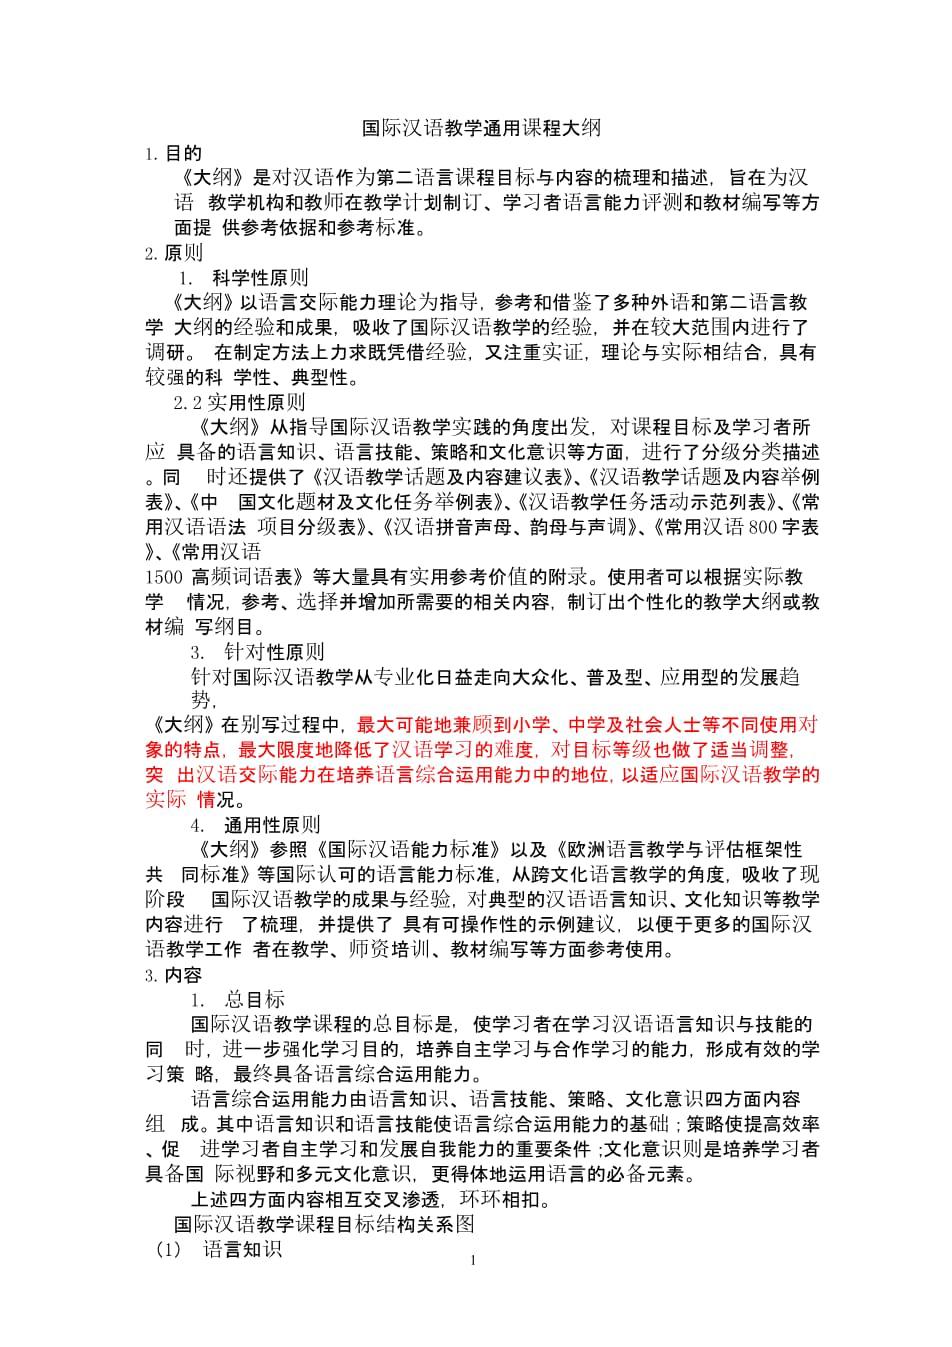 国际汉语教学通用课程大纲 (quanben).pptx